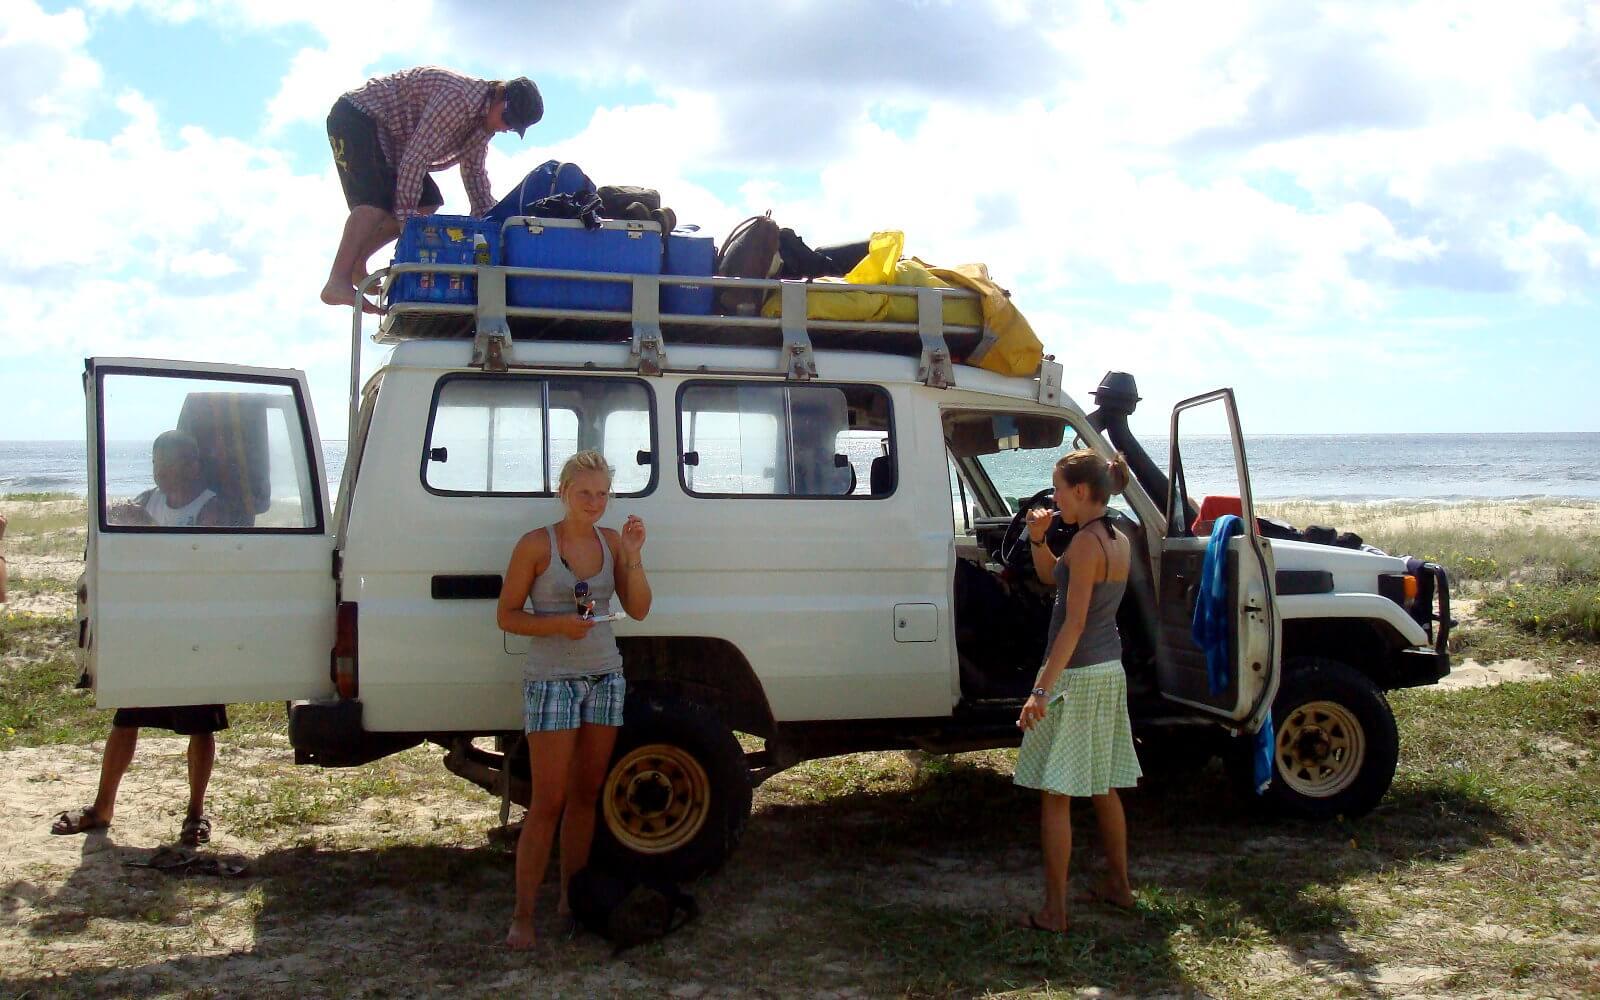 Campertruppe mit dem Wohnmobil unterwegs